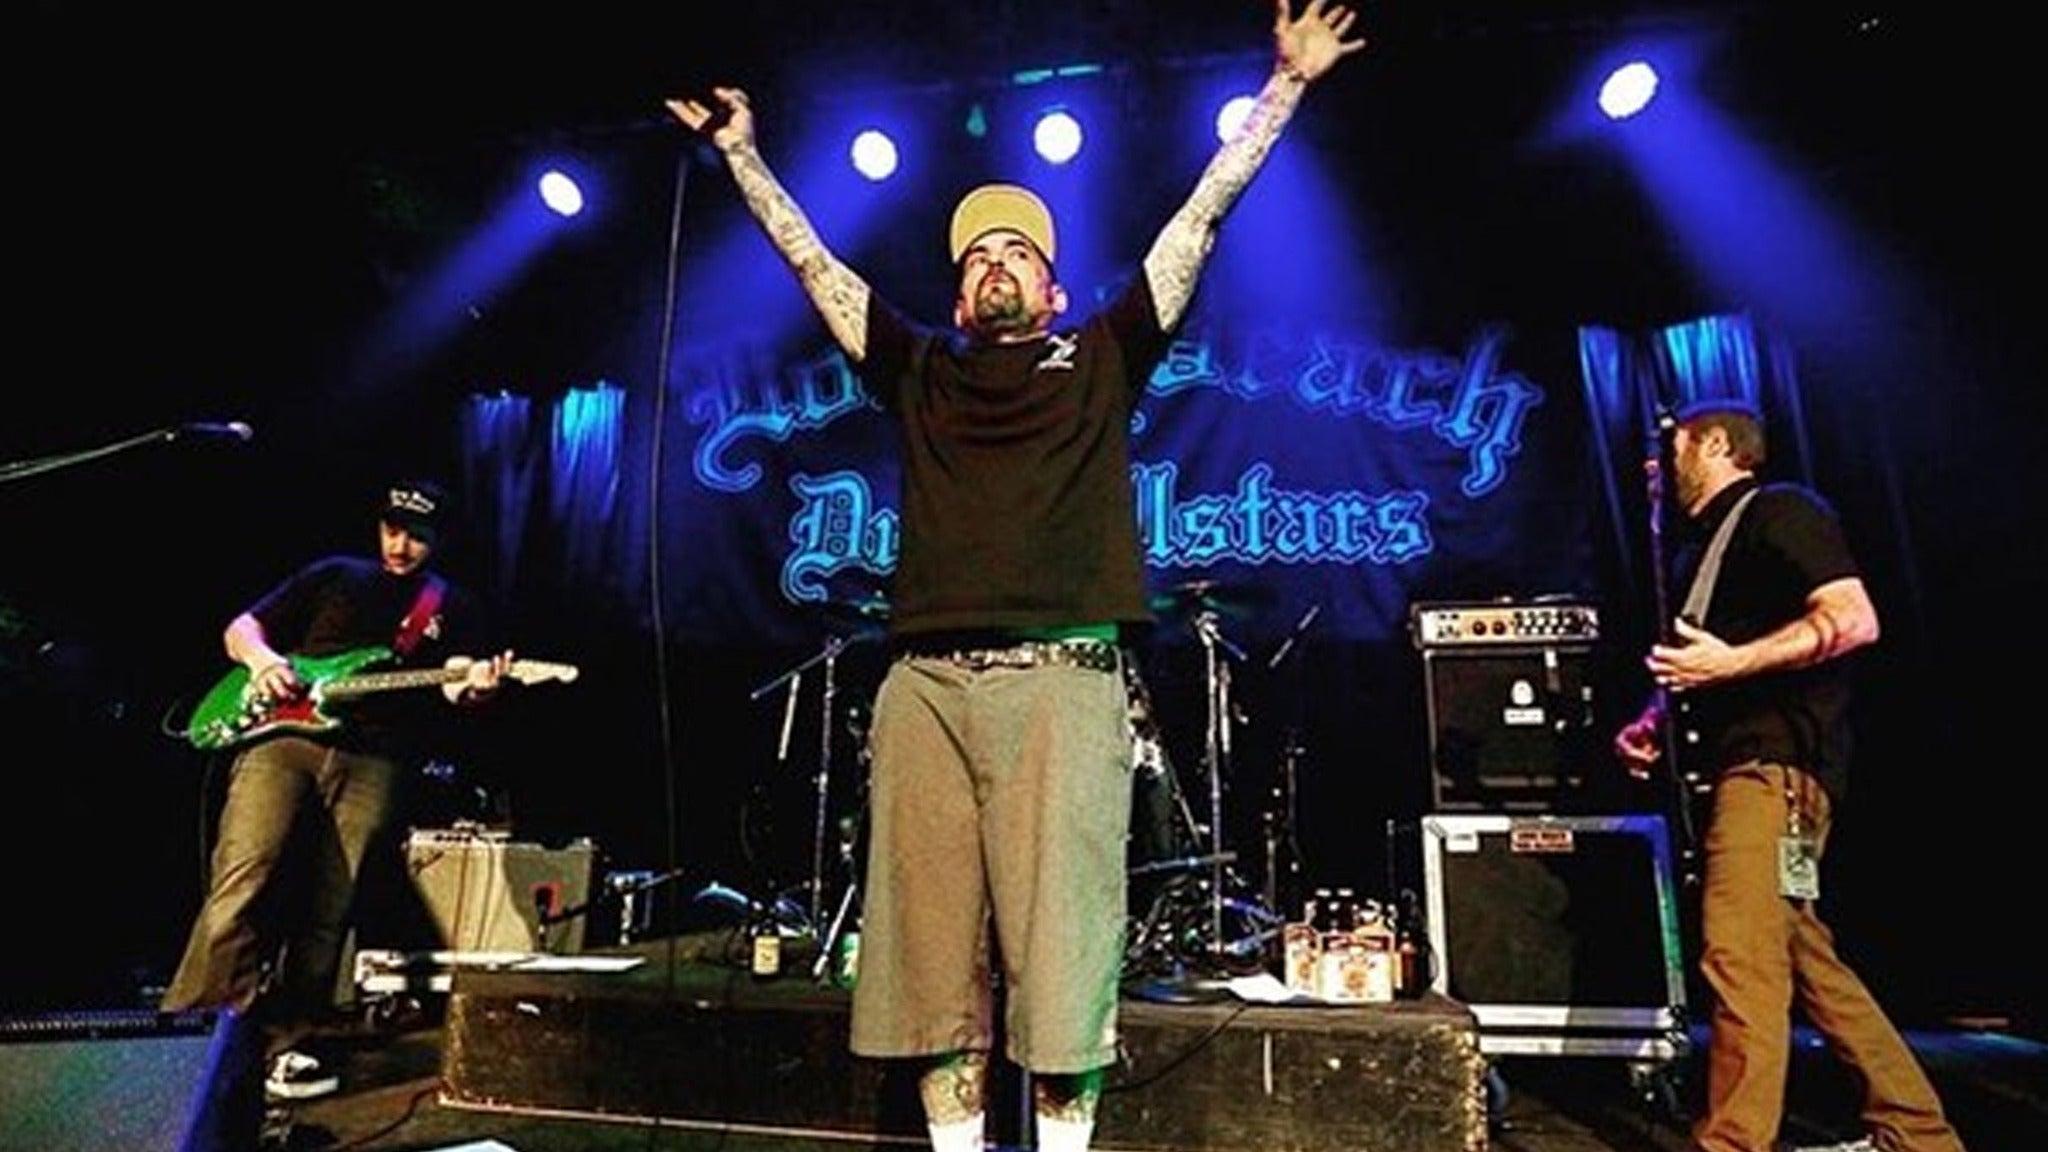 SRH Fest 2021 w/ Long Beach Dub Allstars + more